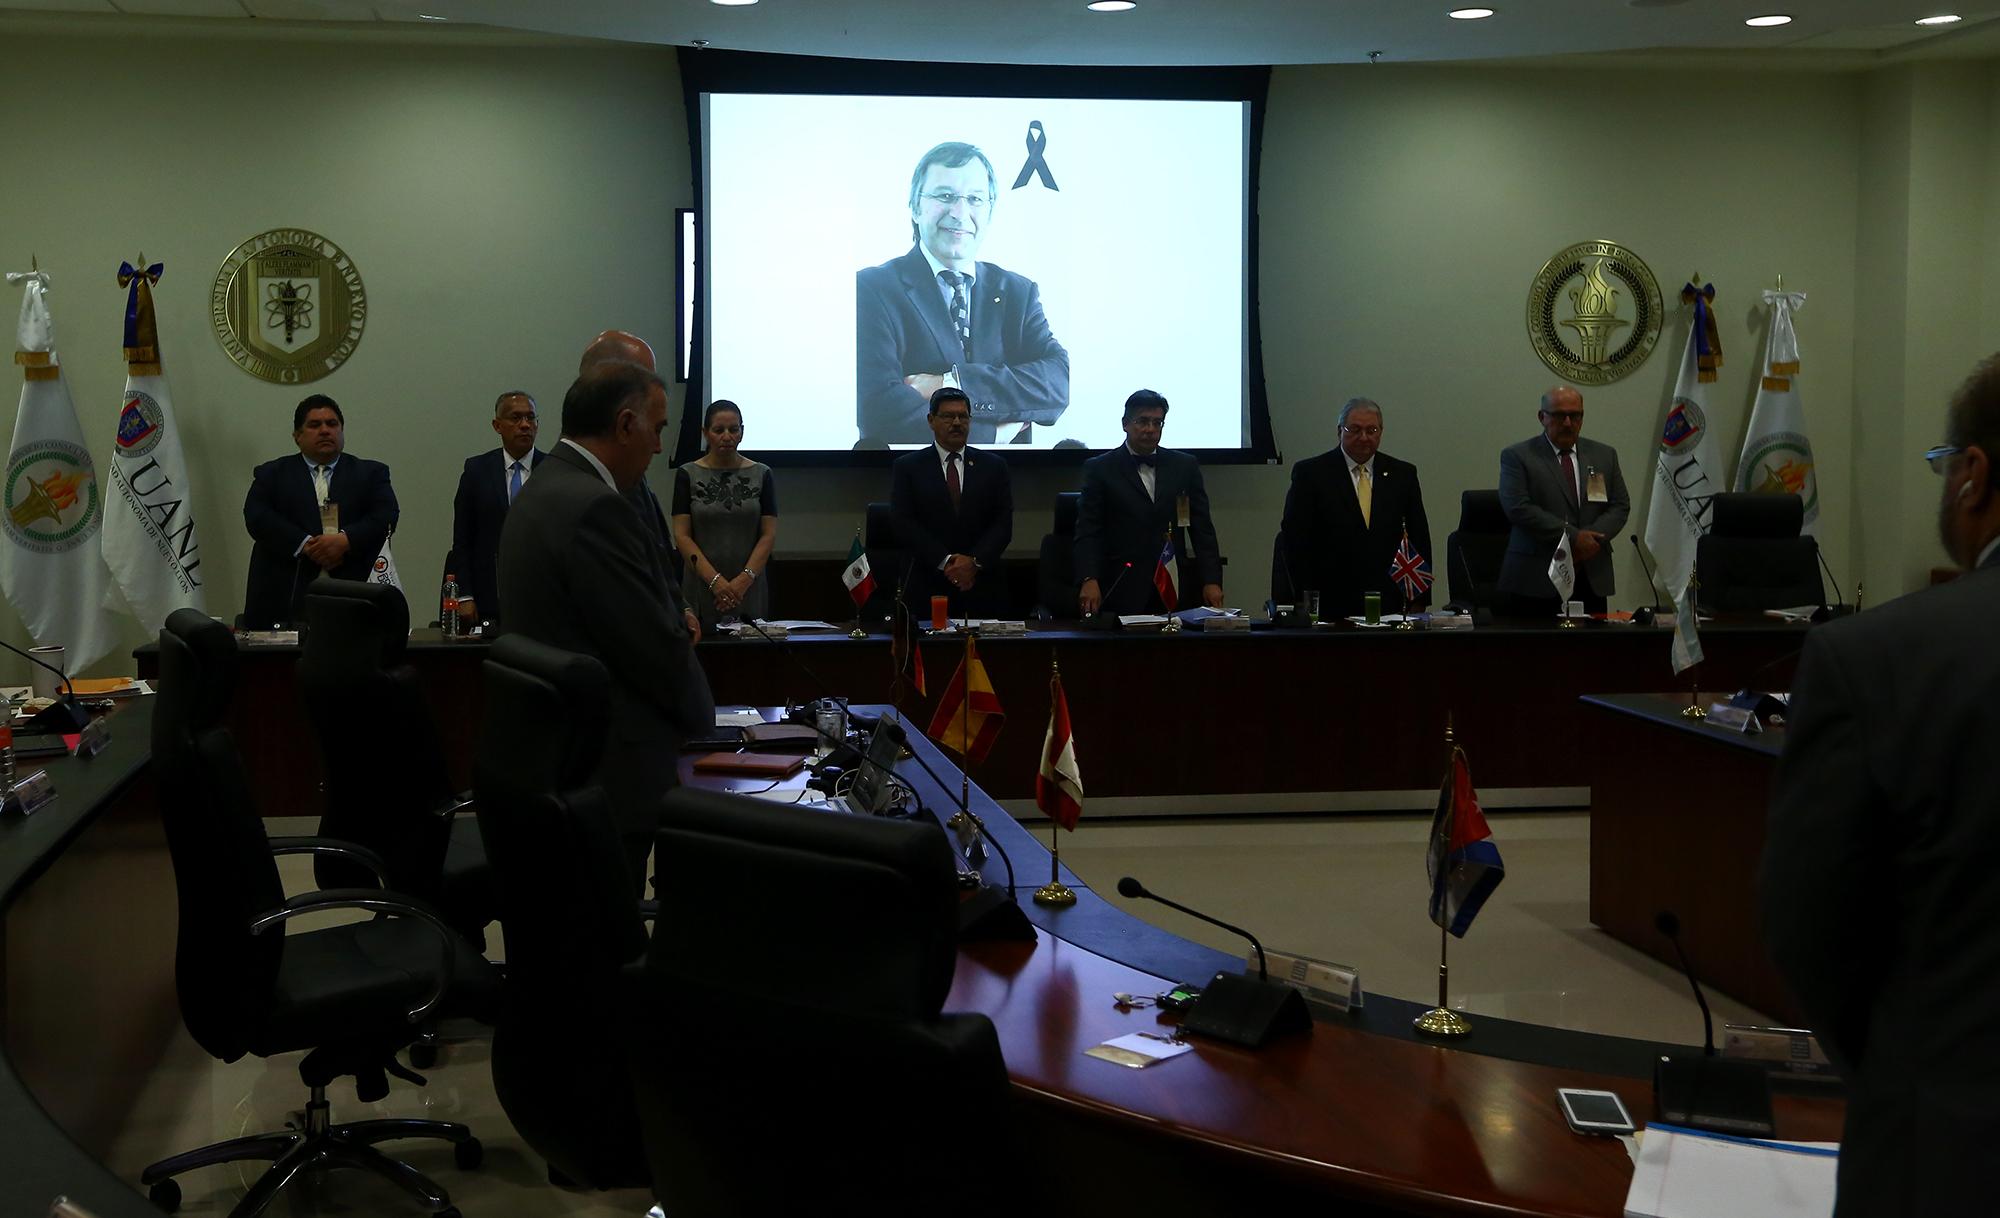 2extra Los integrantes del CCI recordaron con un minuto de silencio al Dr Mario Laforest